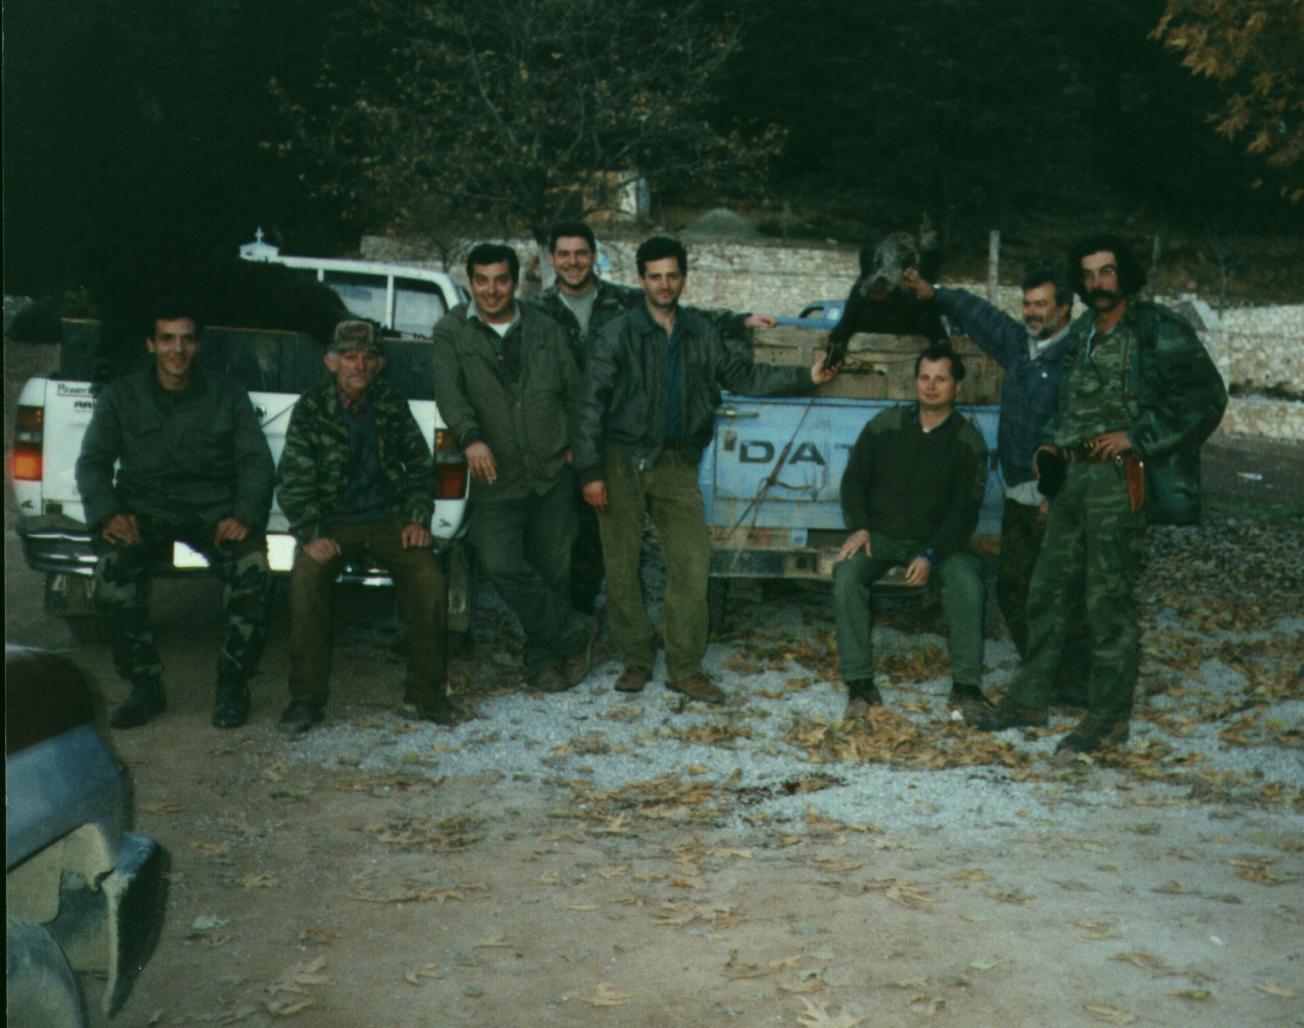 AGIA KYRIAKI 1996